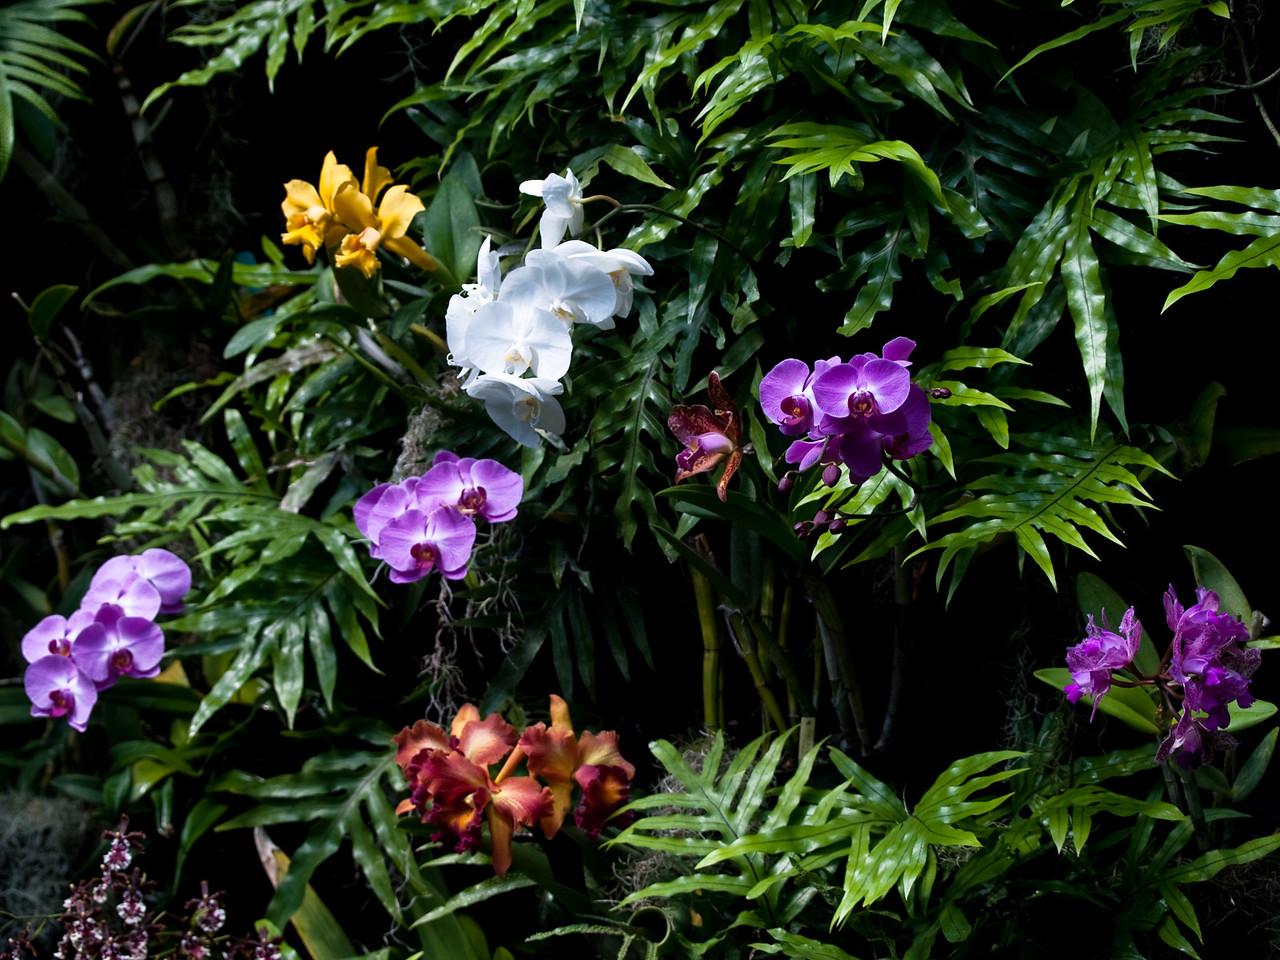 Daniel Stowe Botanical Garden, Belmot Abbey, Charlotte, Orchids, Flowers